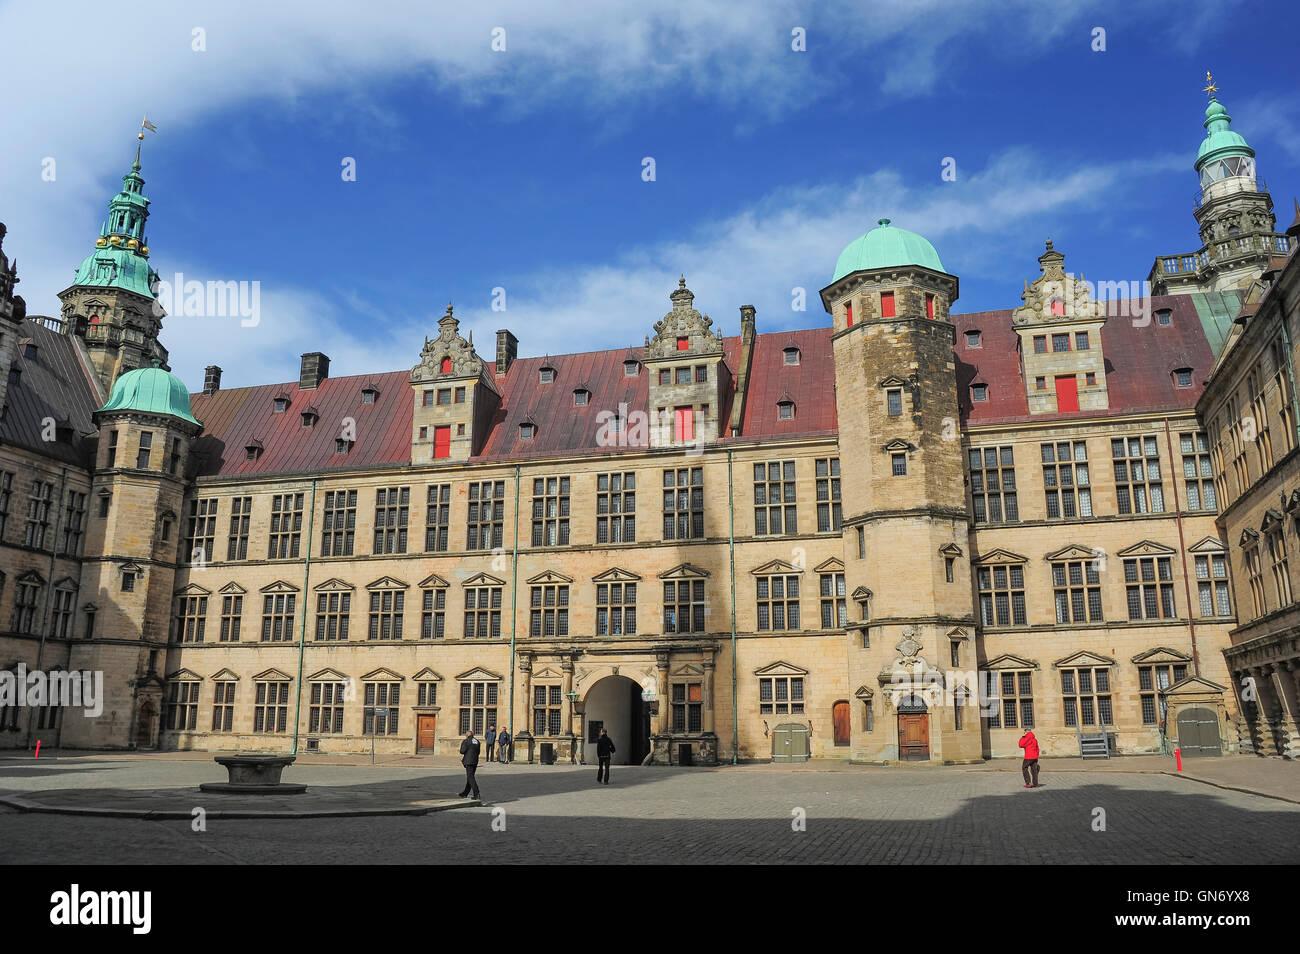 Kronborg Castle, Helsingor, Denmark - Stock Image